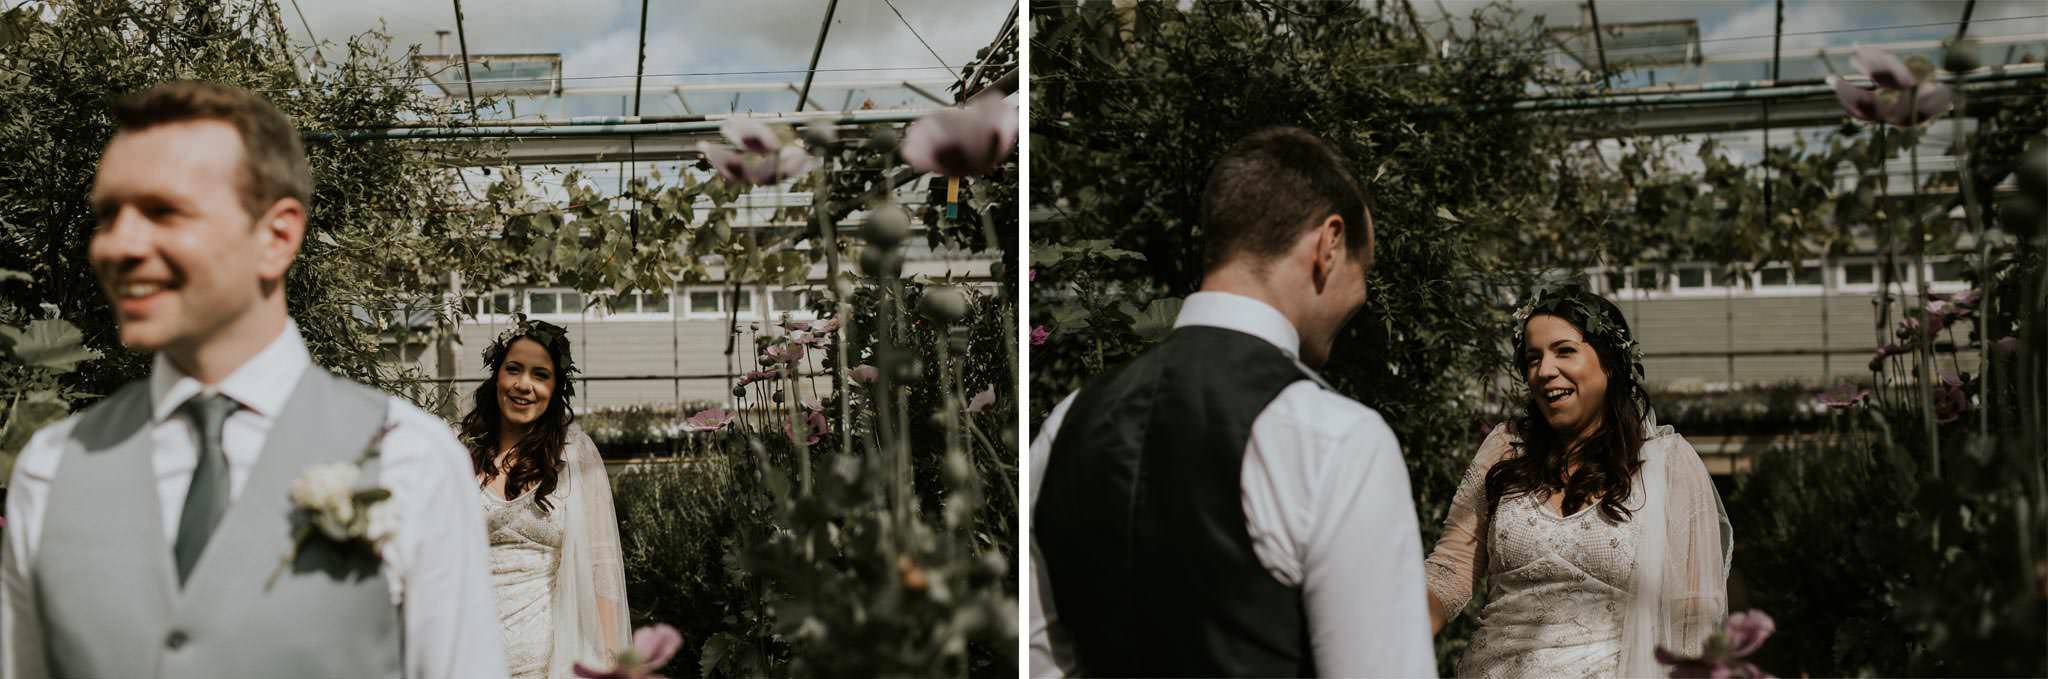 secret-herb-garden-edinburgh-vegan-wedding-026